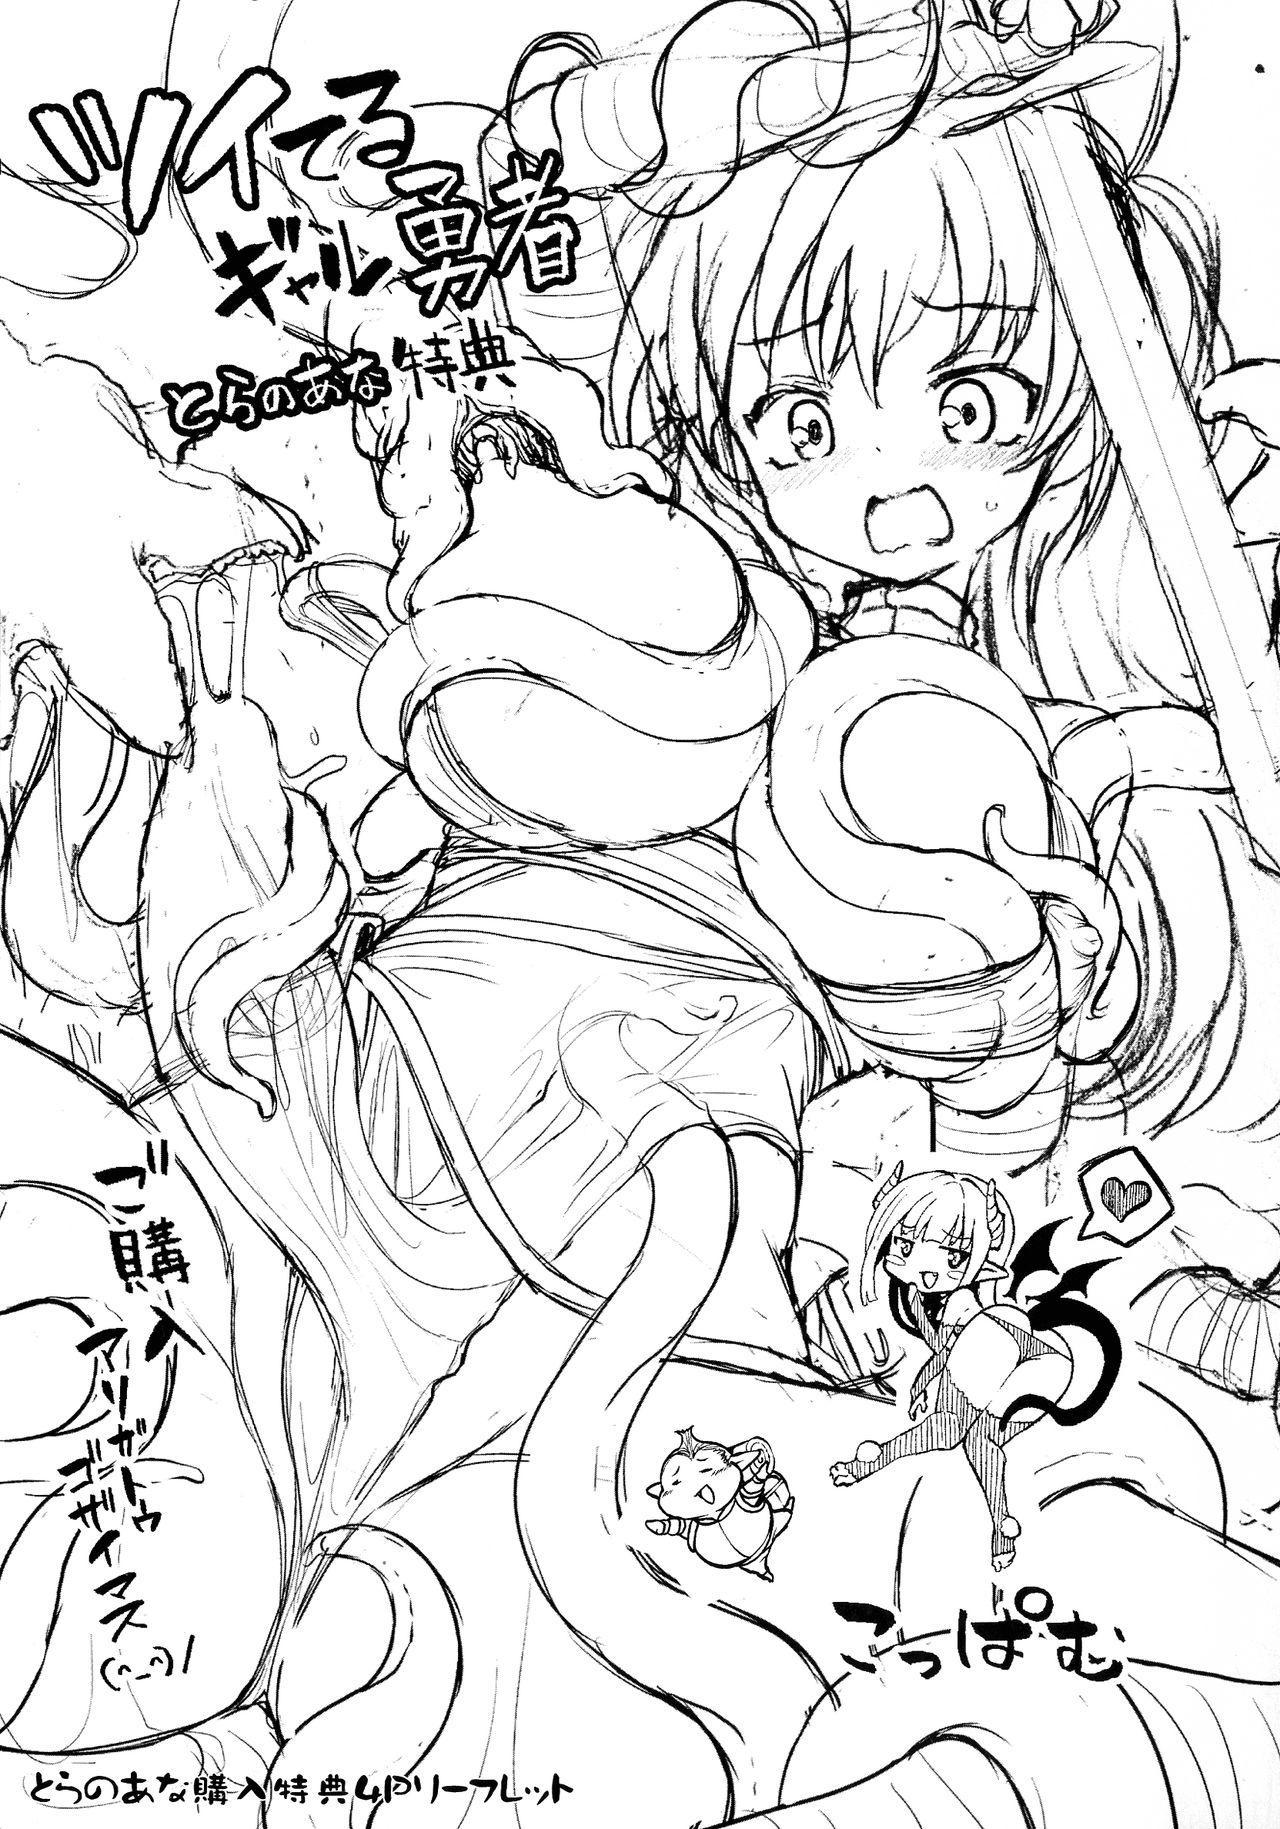 Futanari Gal Brave - Tsuiteru Gal Yuusha Isekai no ji ni Botsu 1